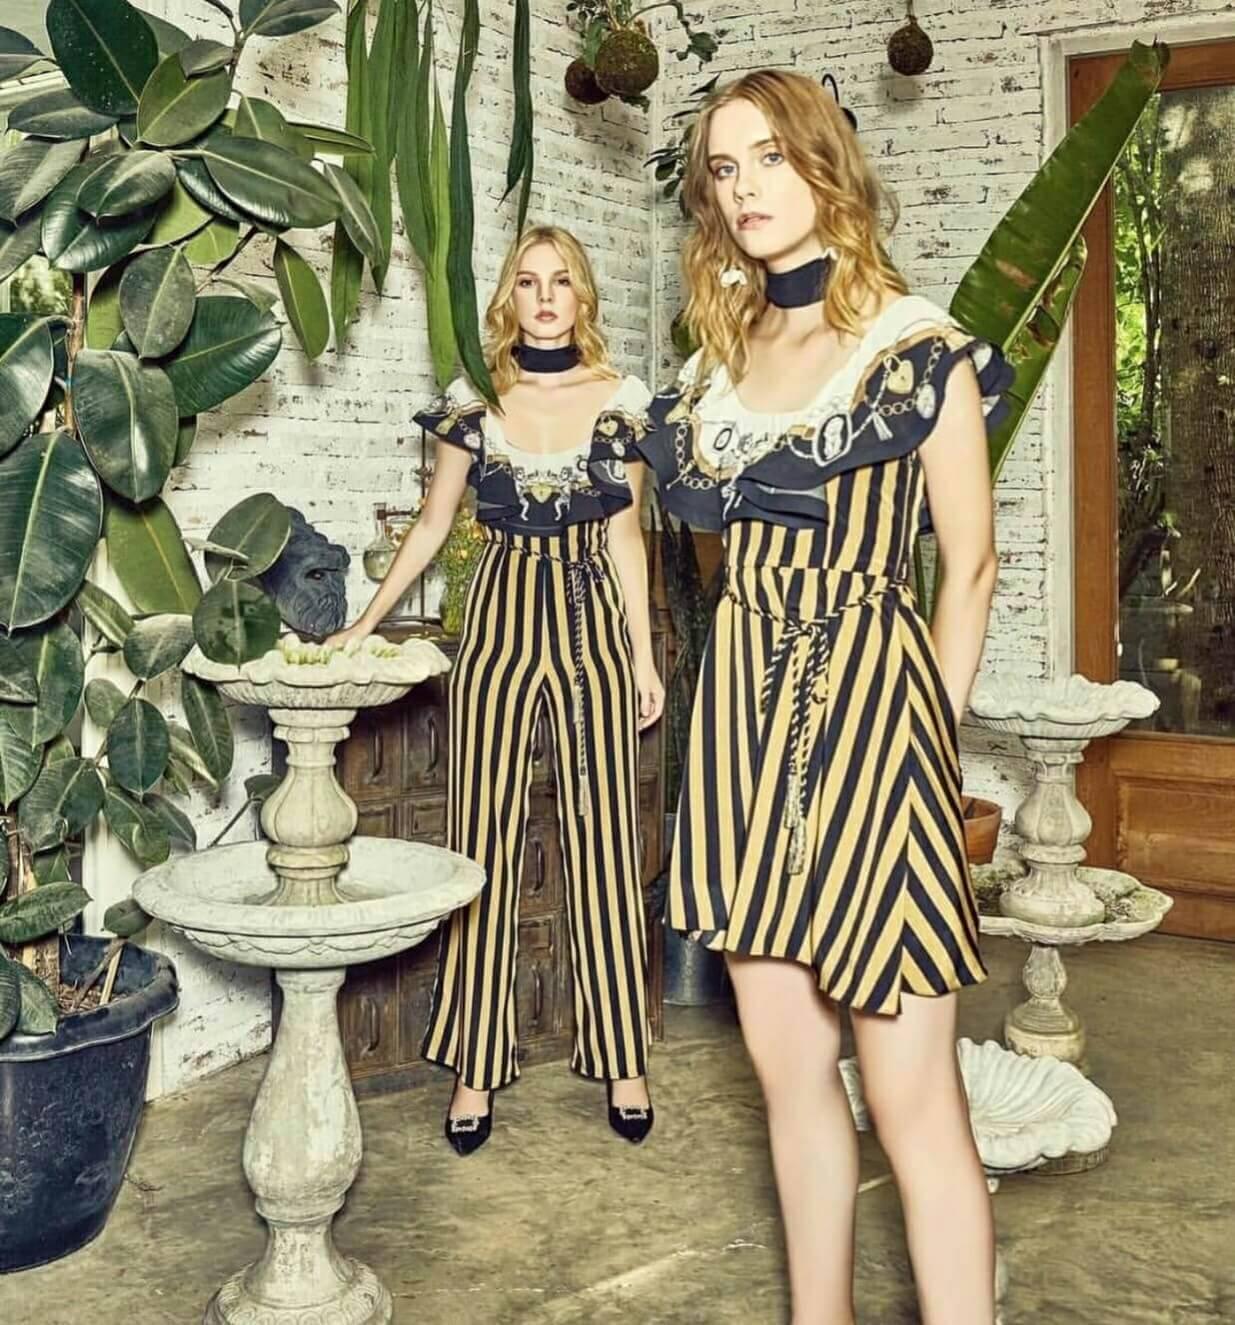 Dress คอปาด ระบายหน้าพร้อมผ้าพิมพ์ลาย ตัวเดรสผ้าลายริ้ว